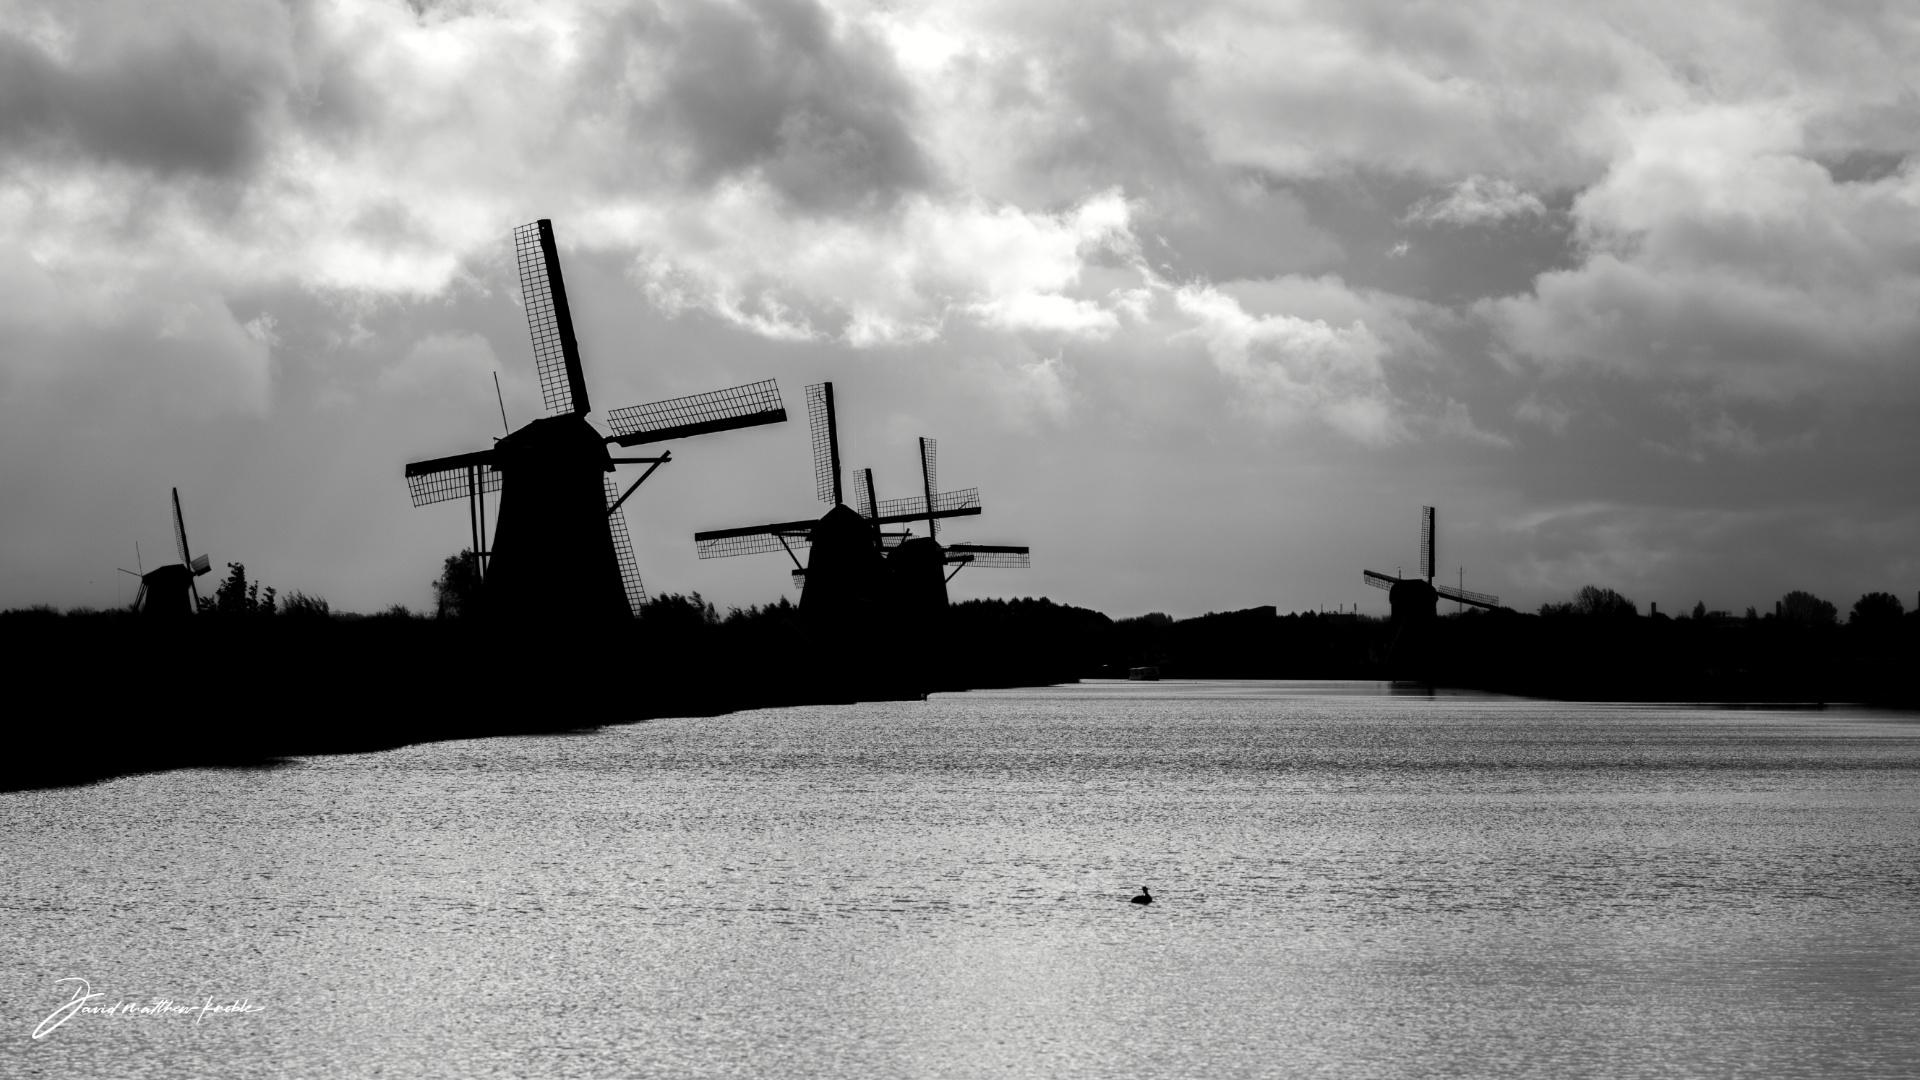 unesco-windmills-in-the-netherlands-3